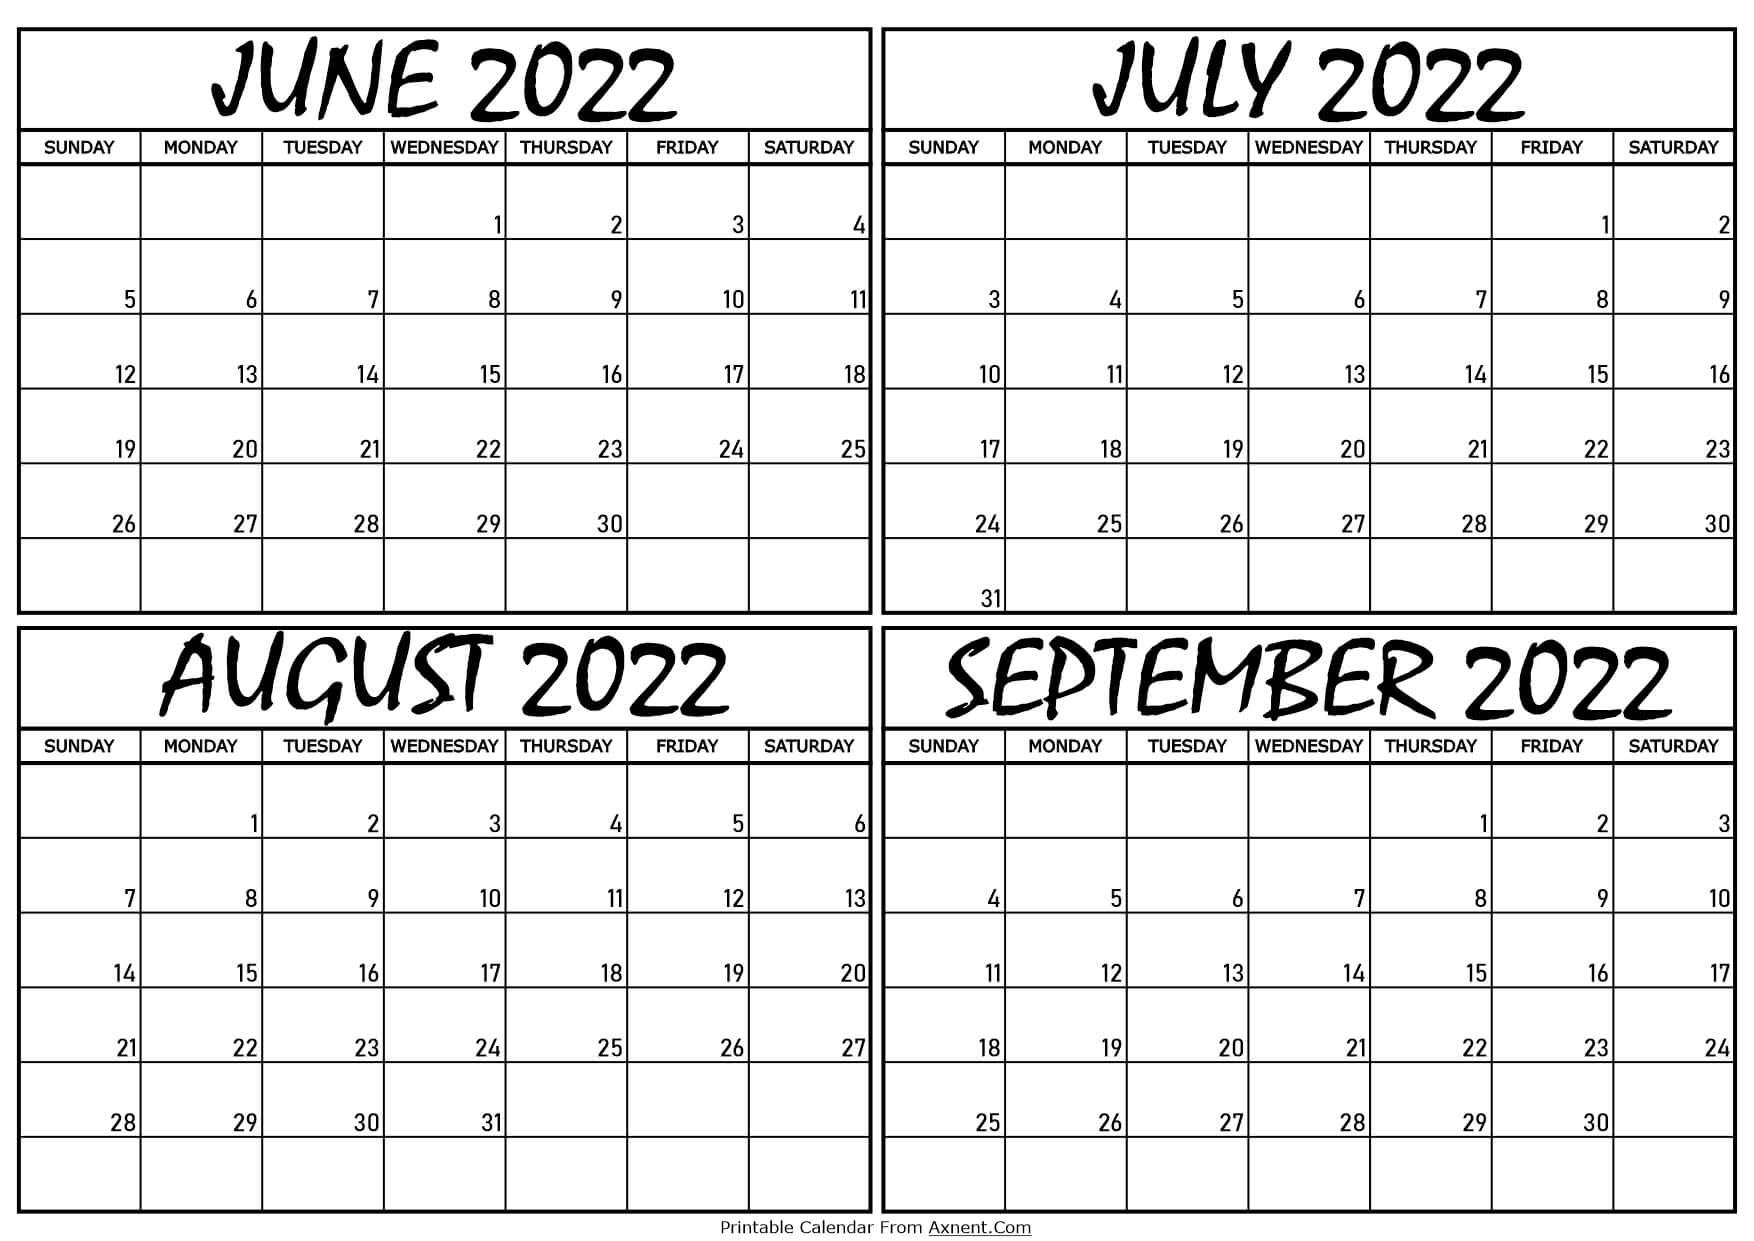 Calendar June to September 2022